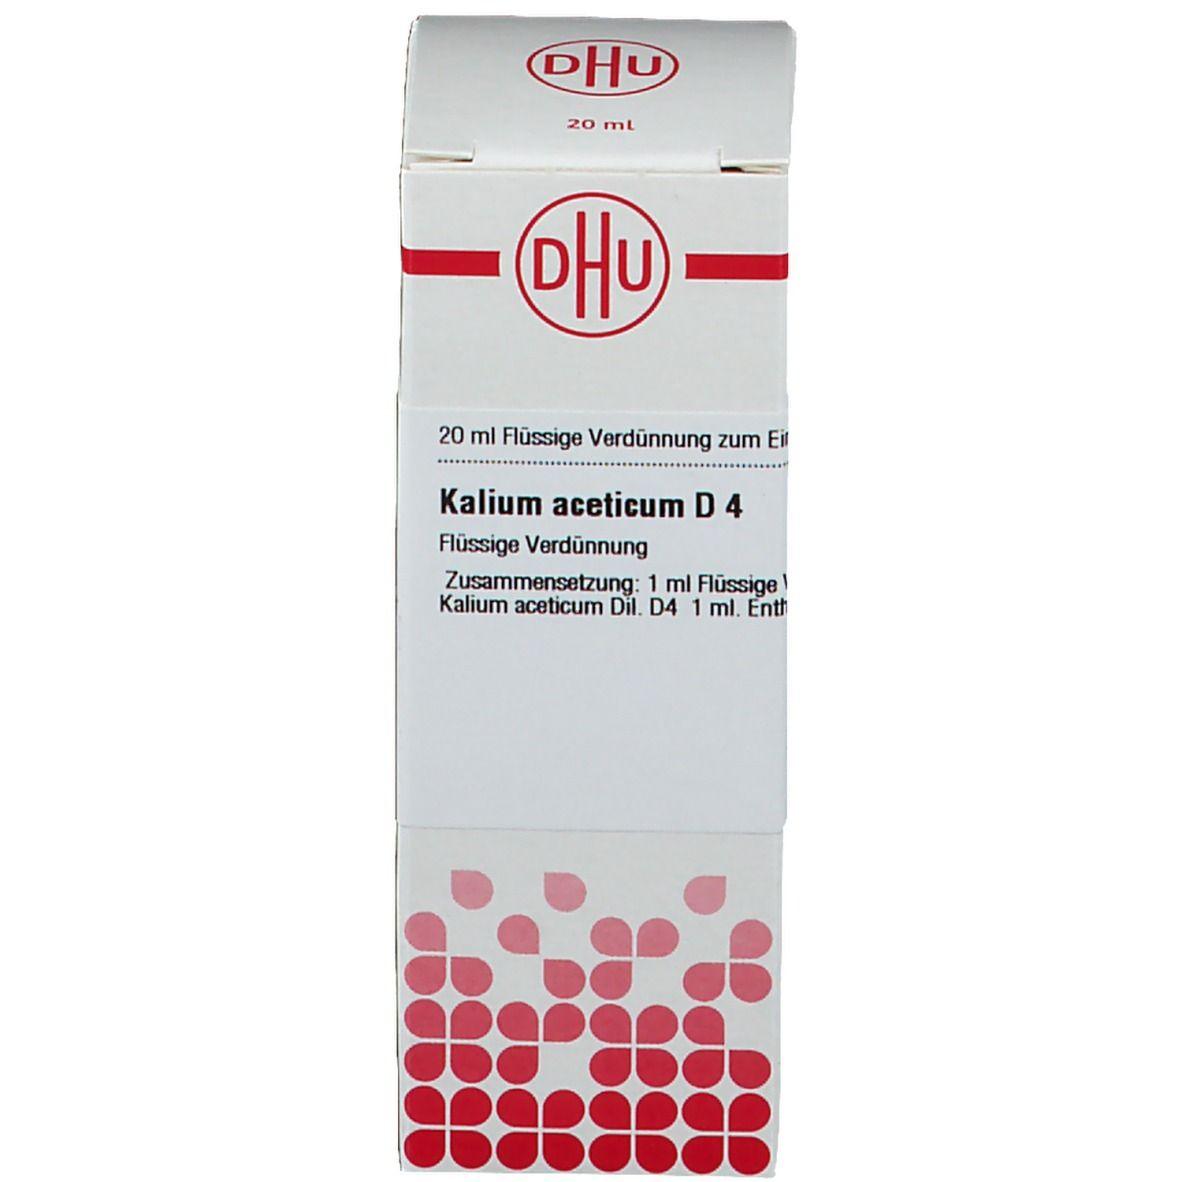 DHU Kalium Aceticum D4